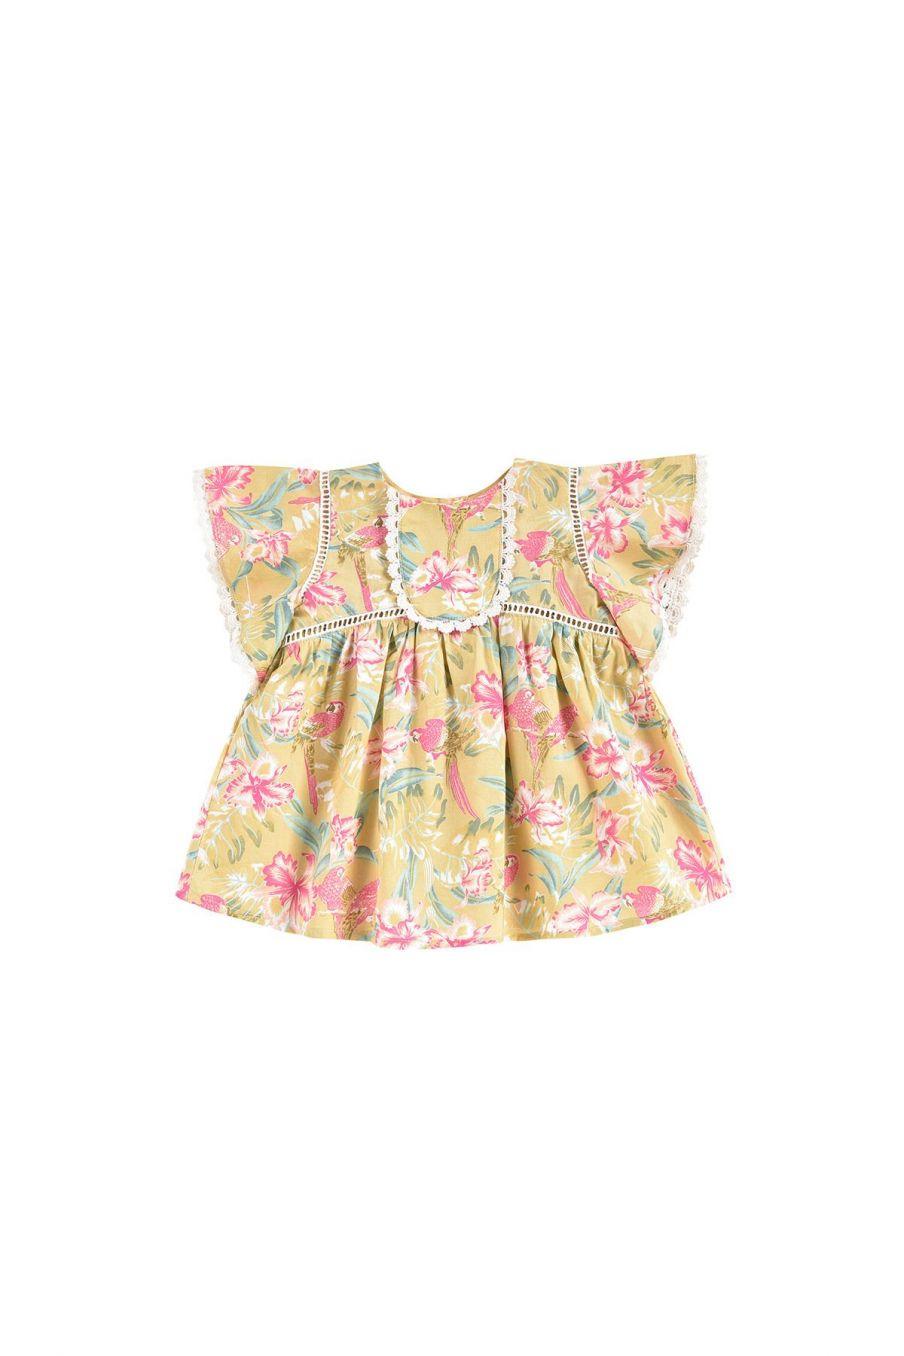 boheme chic vintage robe bébé fille christina soft honey parrots